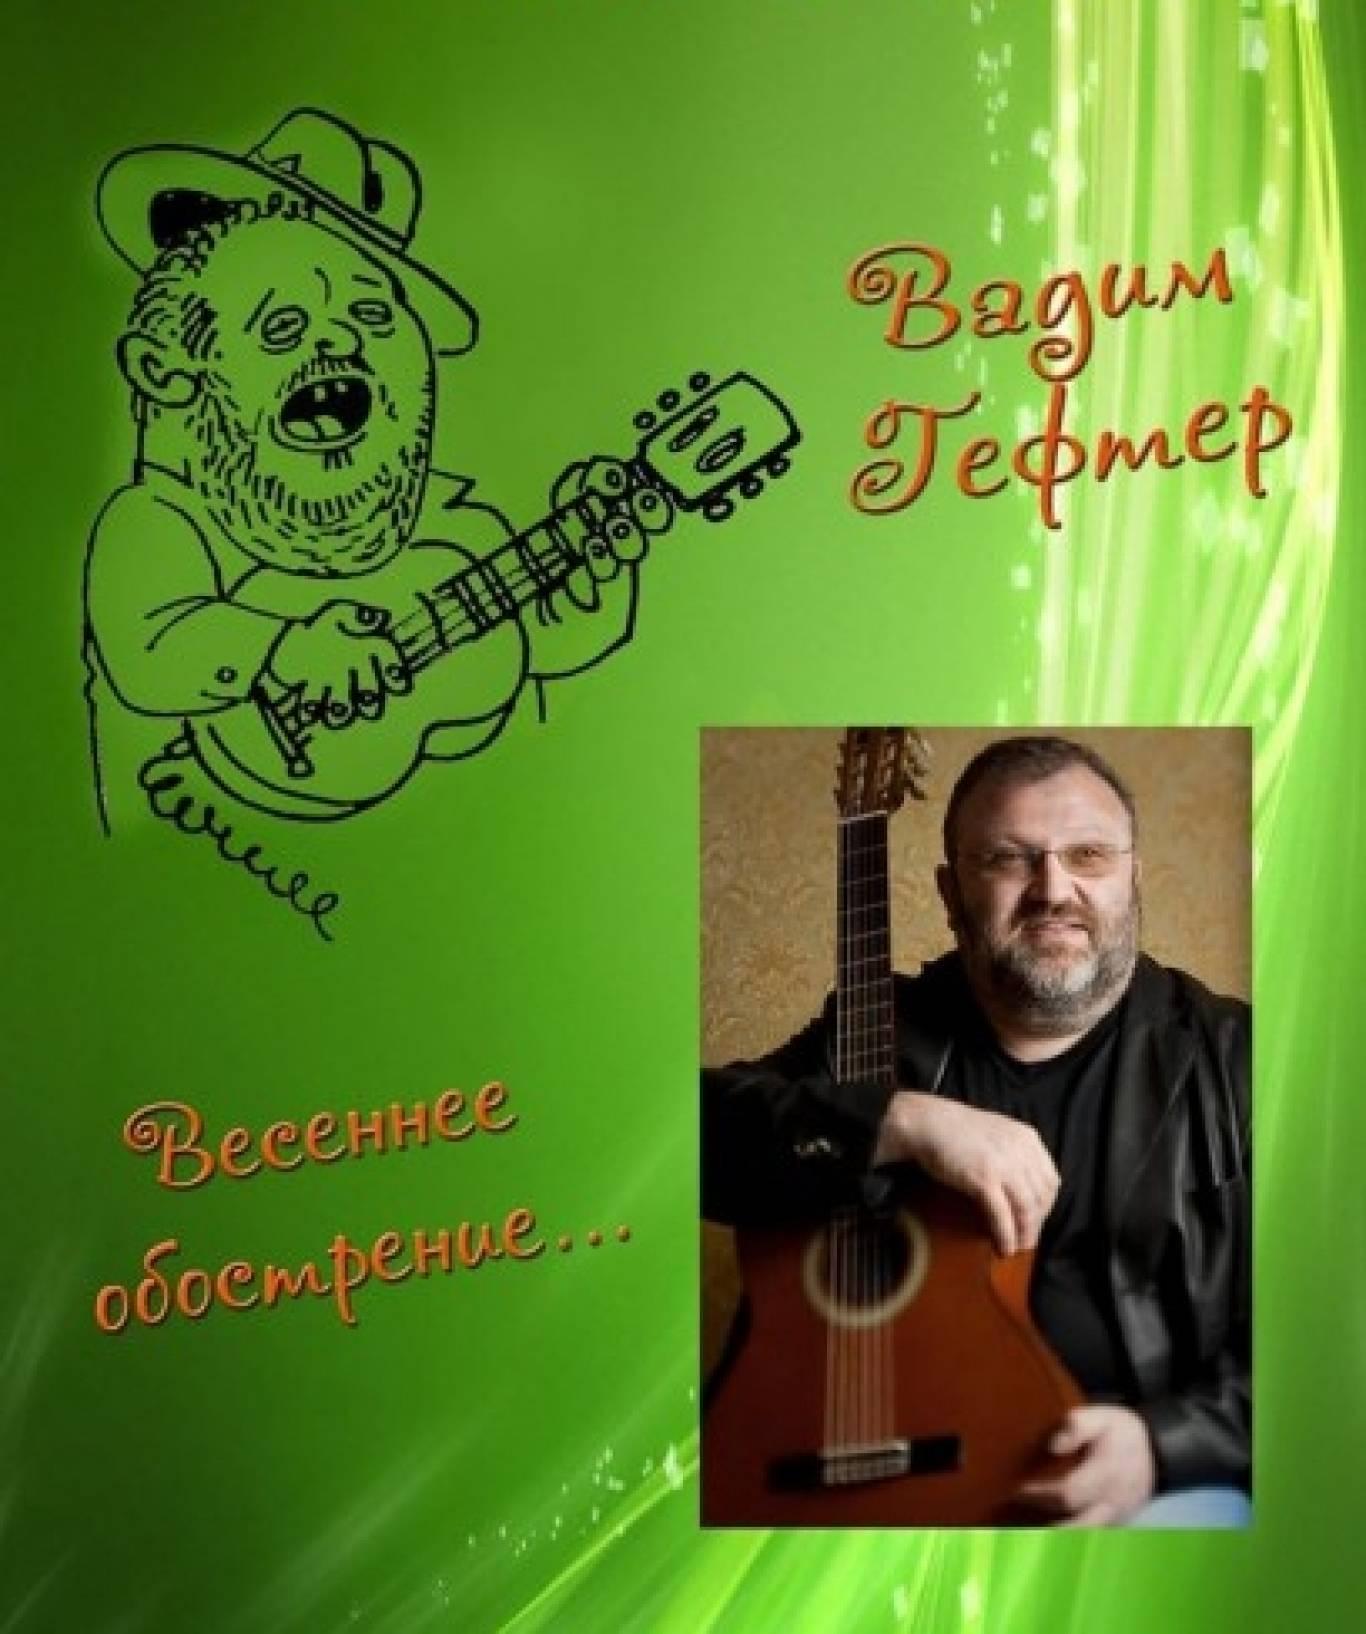 Авторська музика від Вадима Гефтера